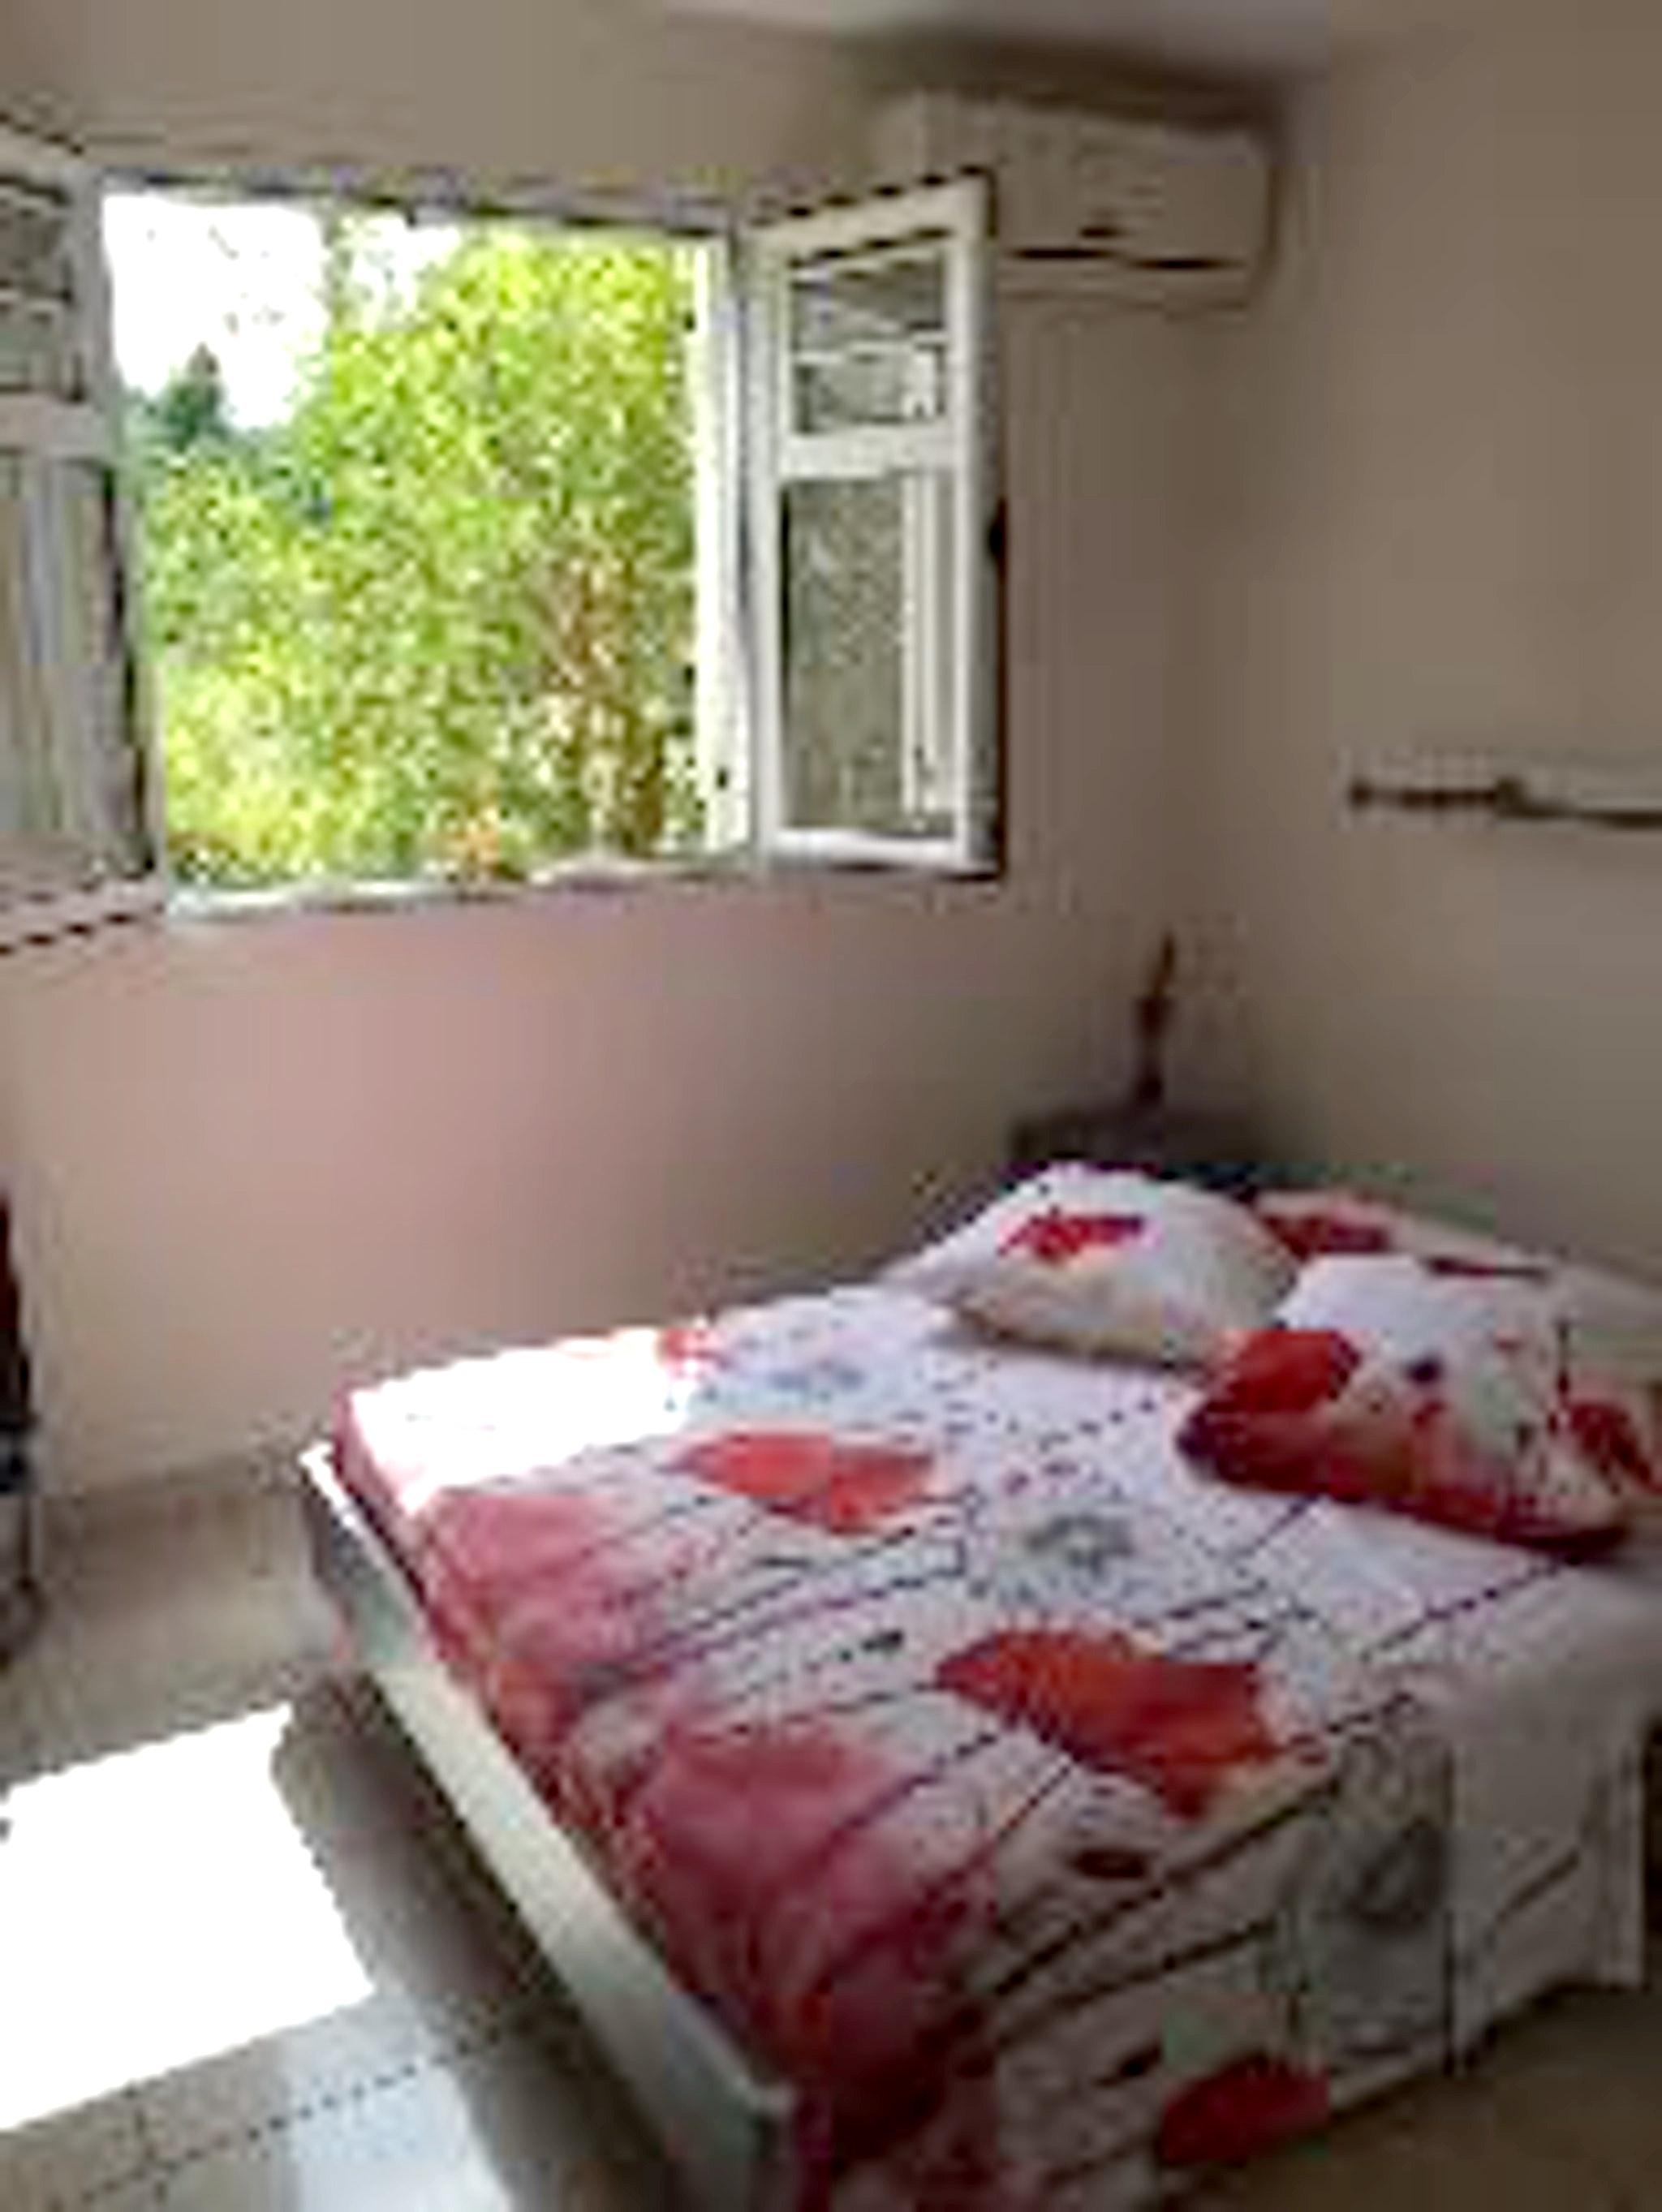 Ferienhaus Haus mit 2 Schlafzimmern in Les Trois-Ilets mit Pool, eingezäuntem Garten und W-LAN - 500  (2664081), Les Trois-Îlets, Le Marin, Martinique, Karibische Inseln, Bild 9